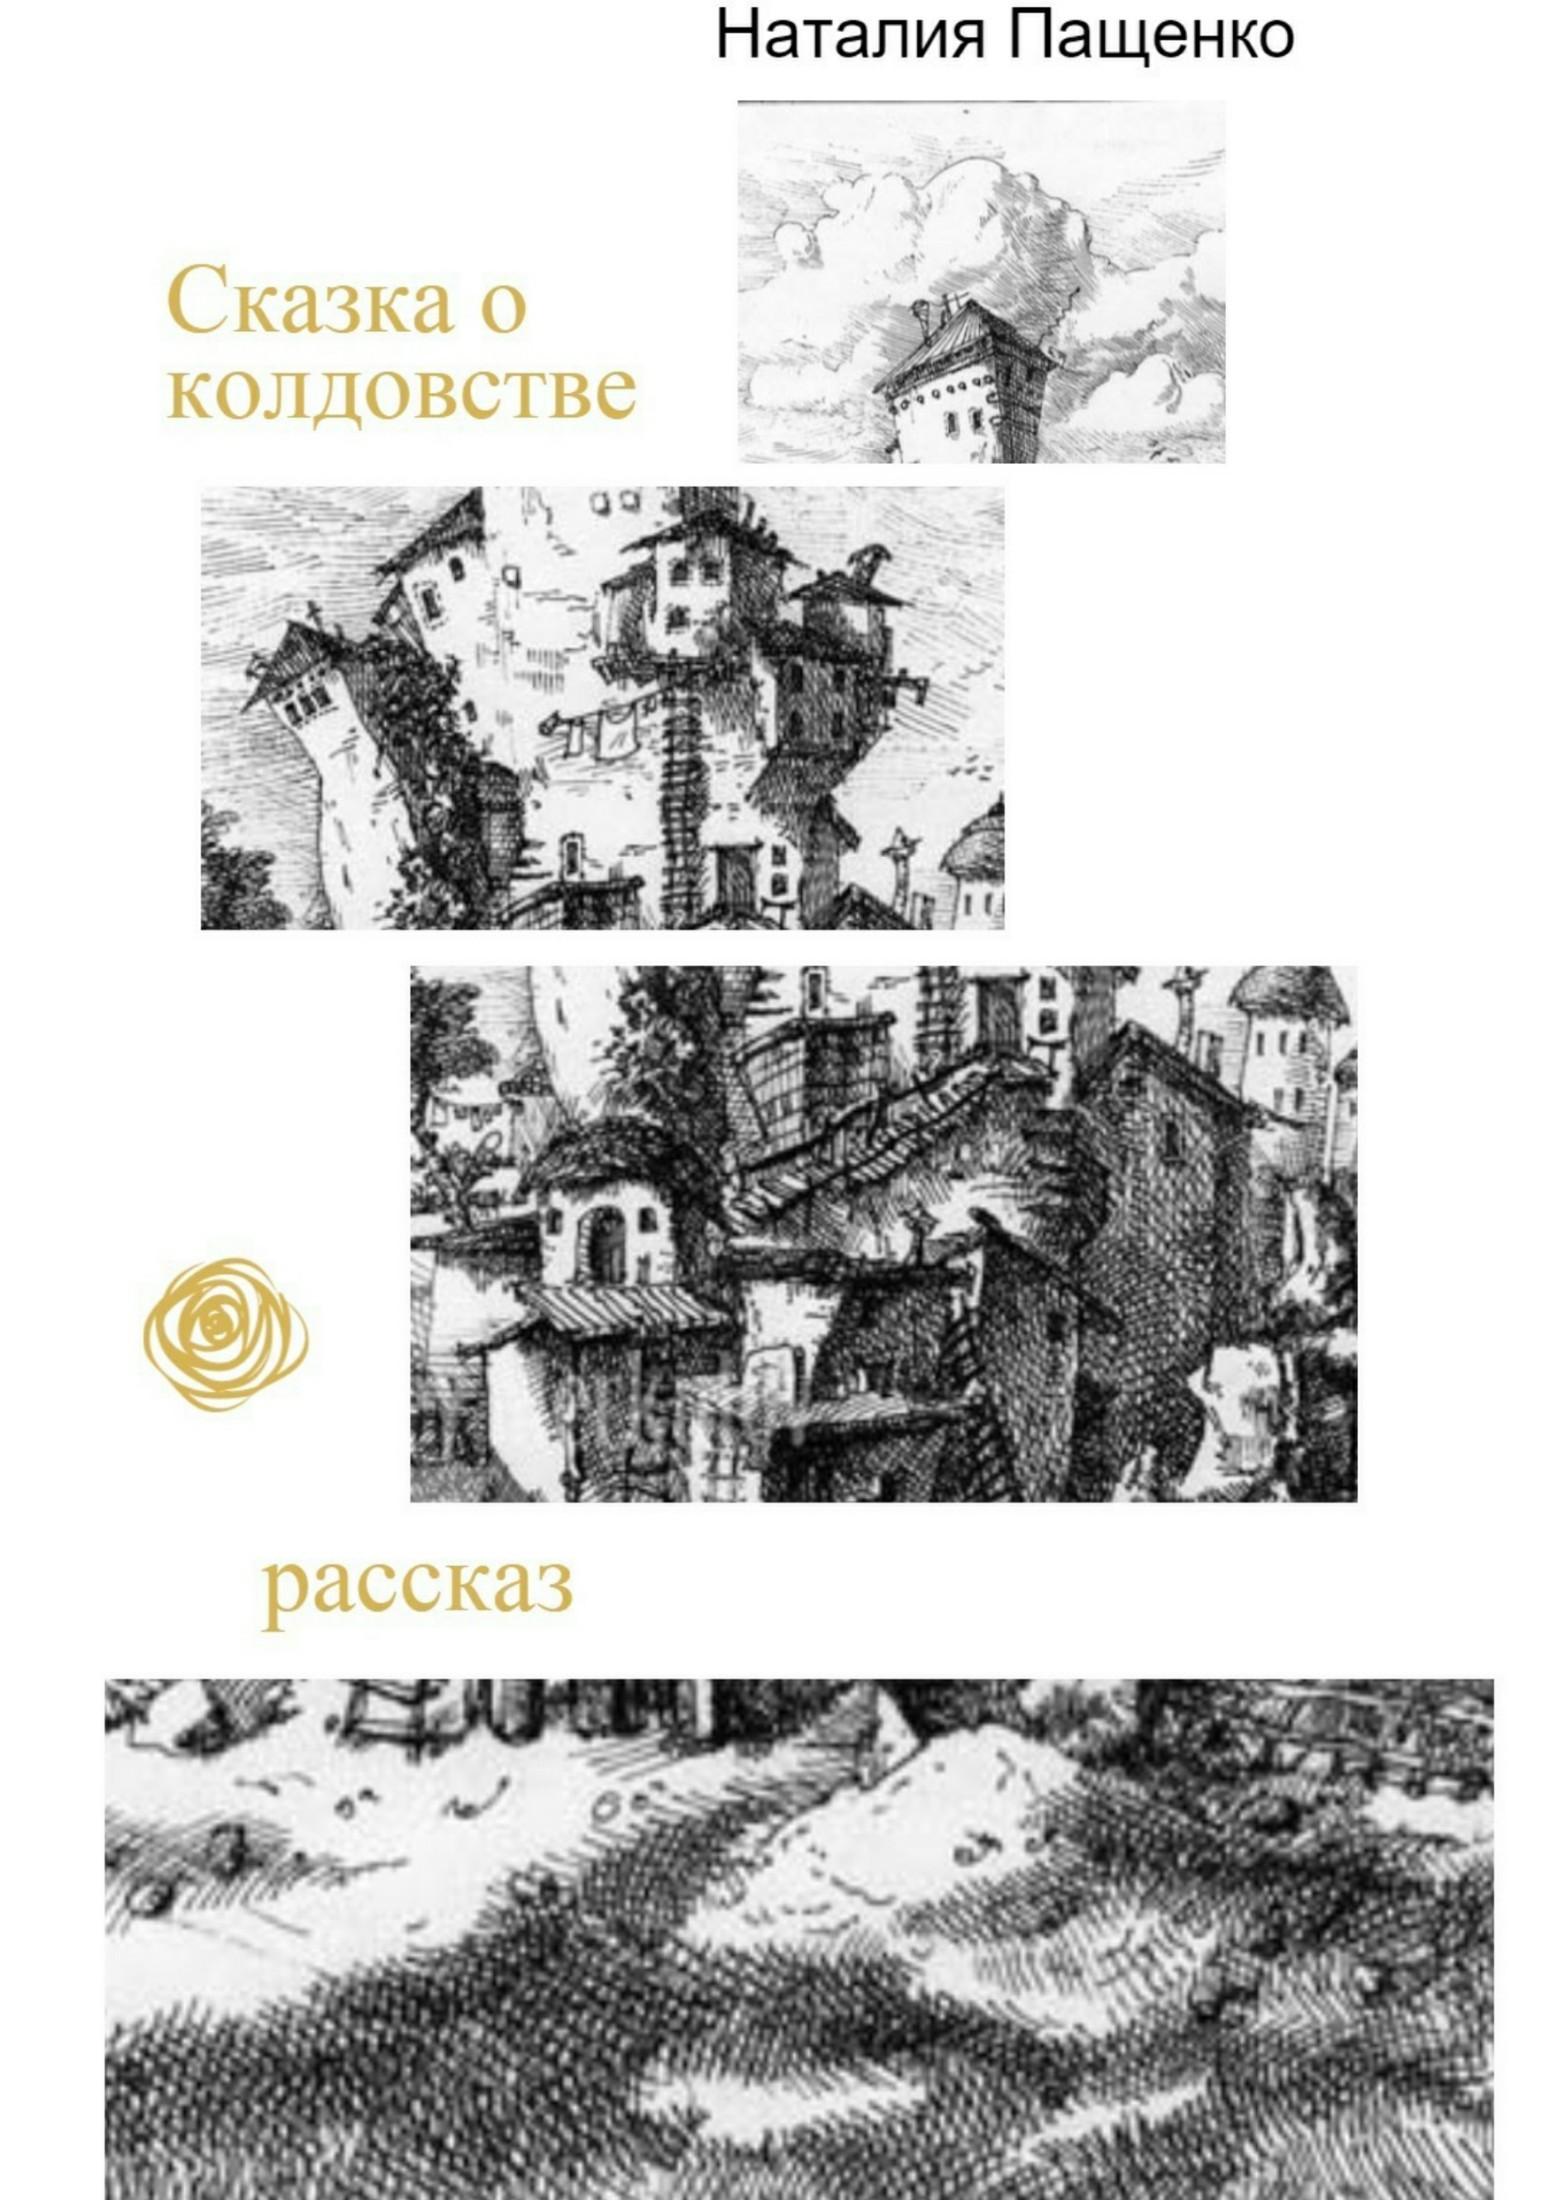 Наталия Пащенко - Сказка о колдовстве